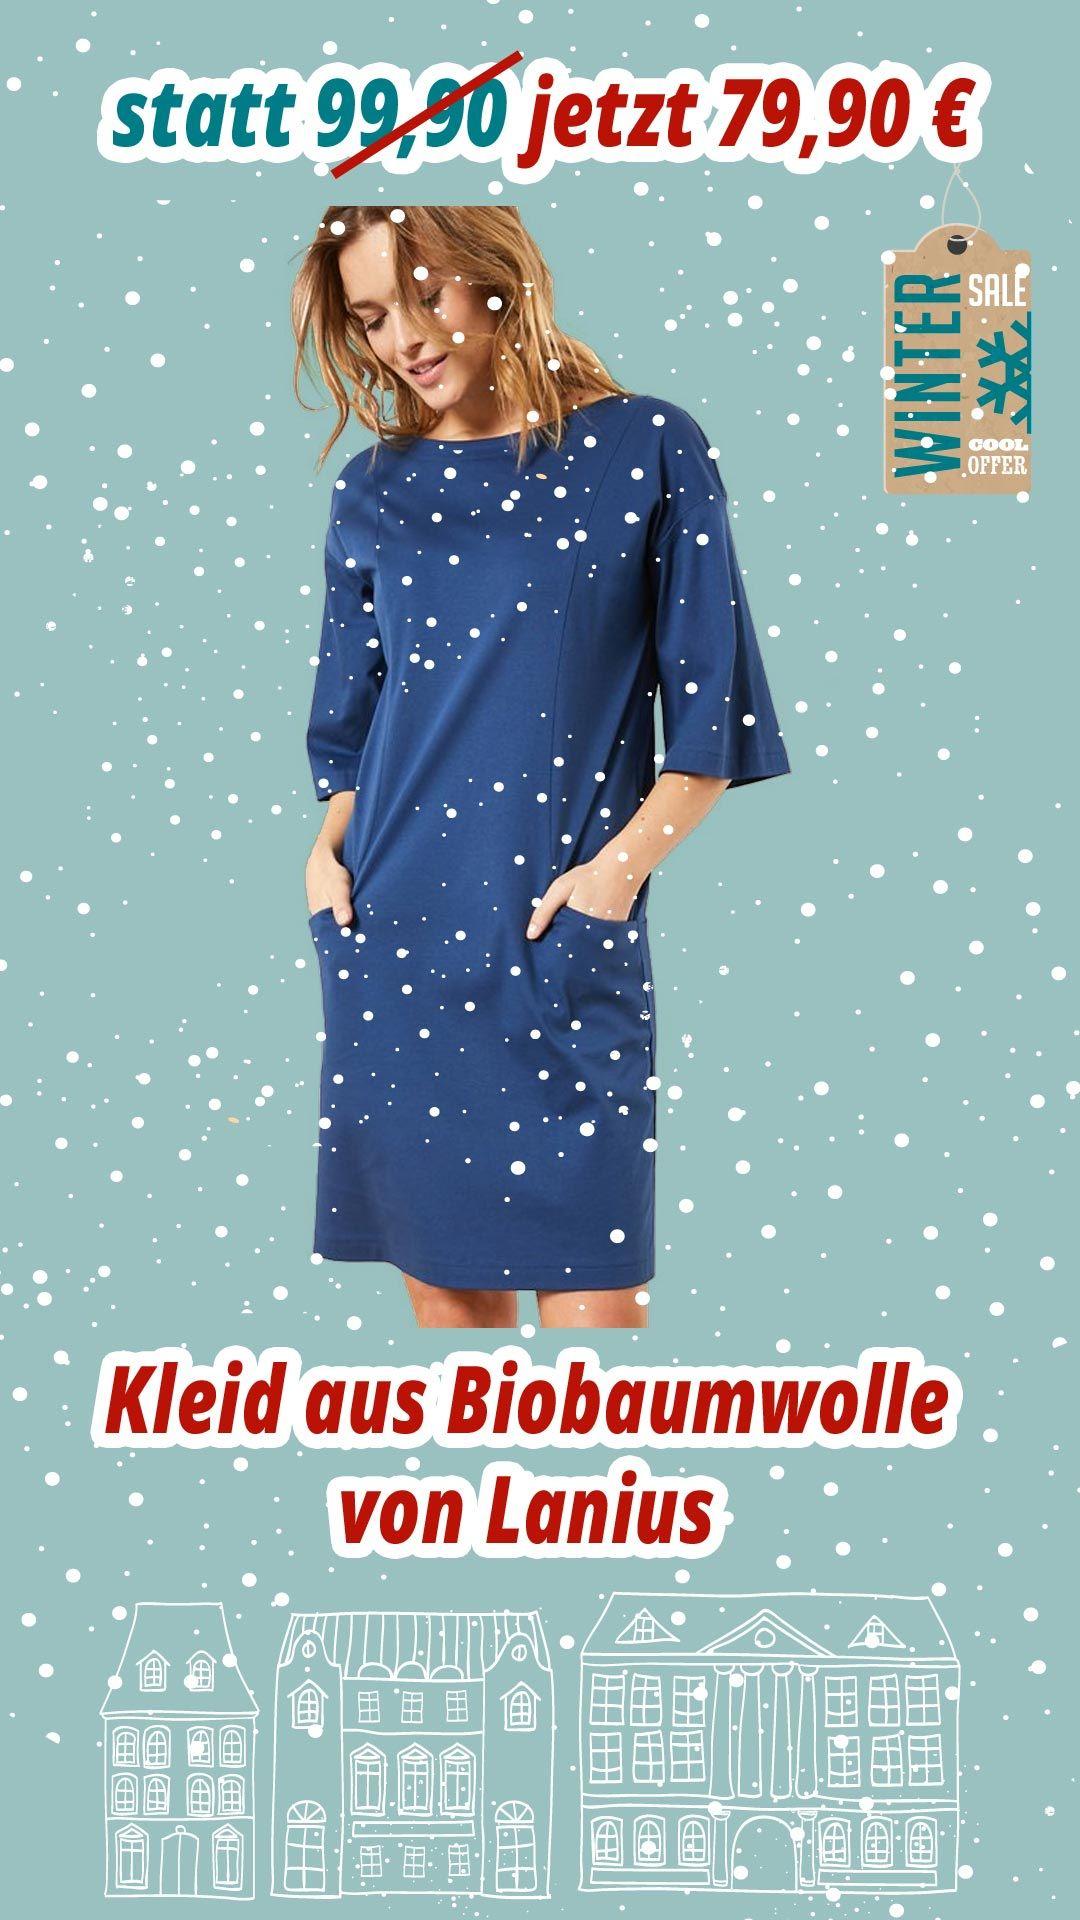 Kleid-aus-Biobaumwolle von Lanius im Winterschlussverkauf bei Kult